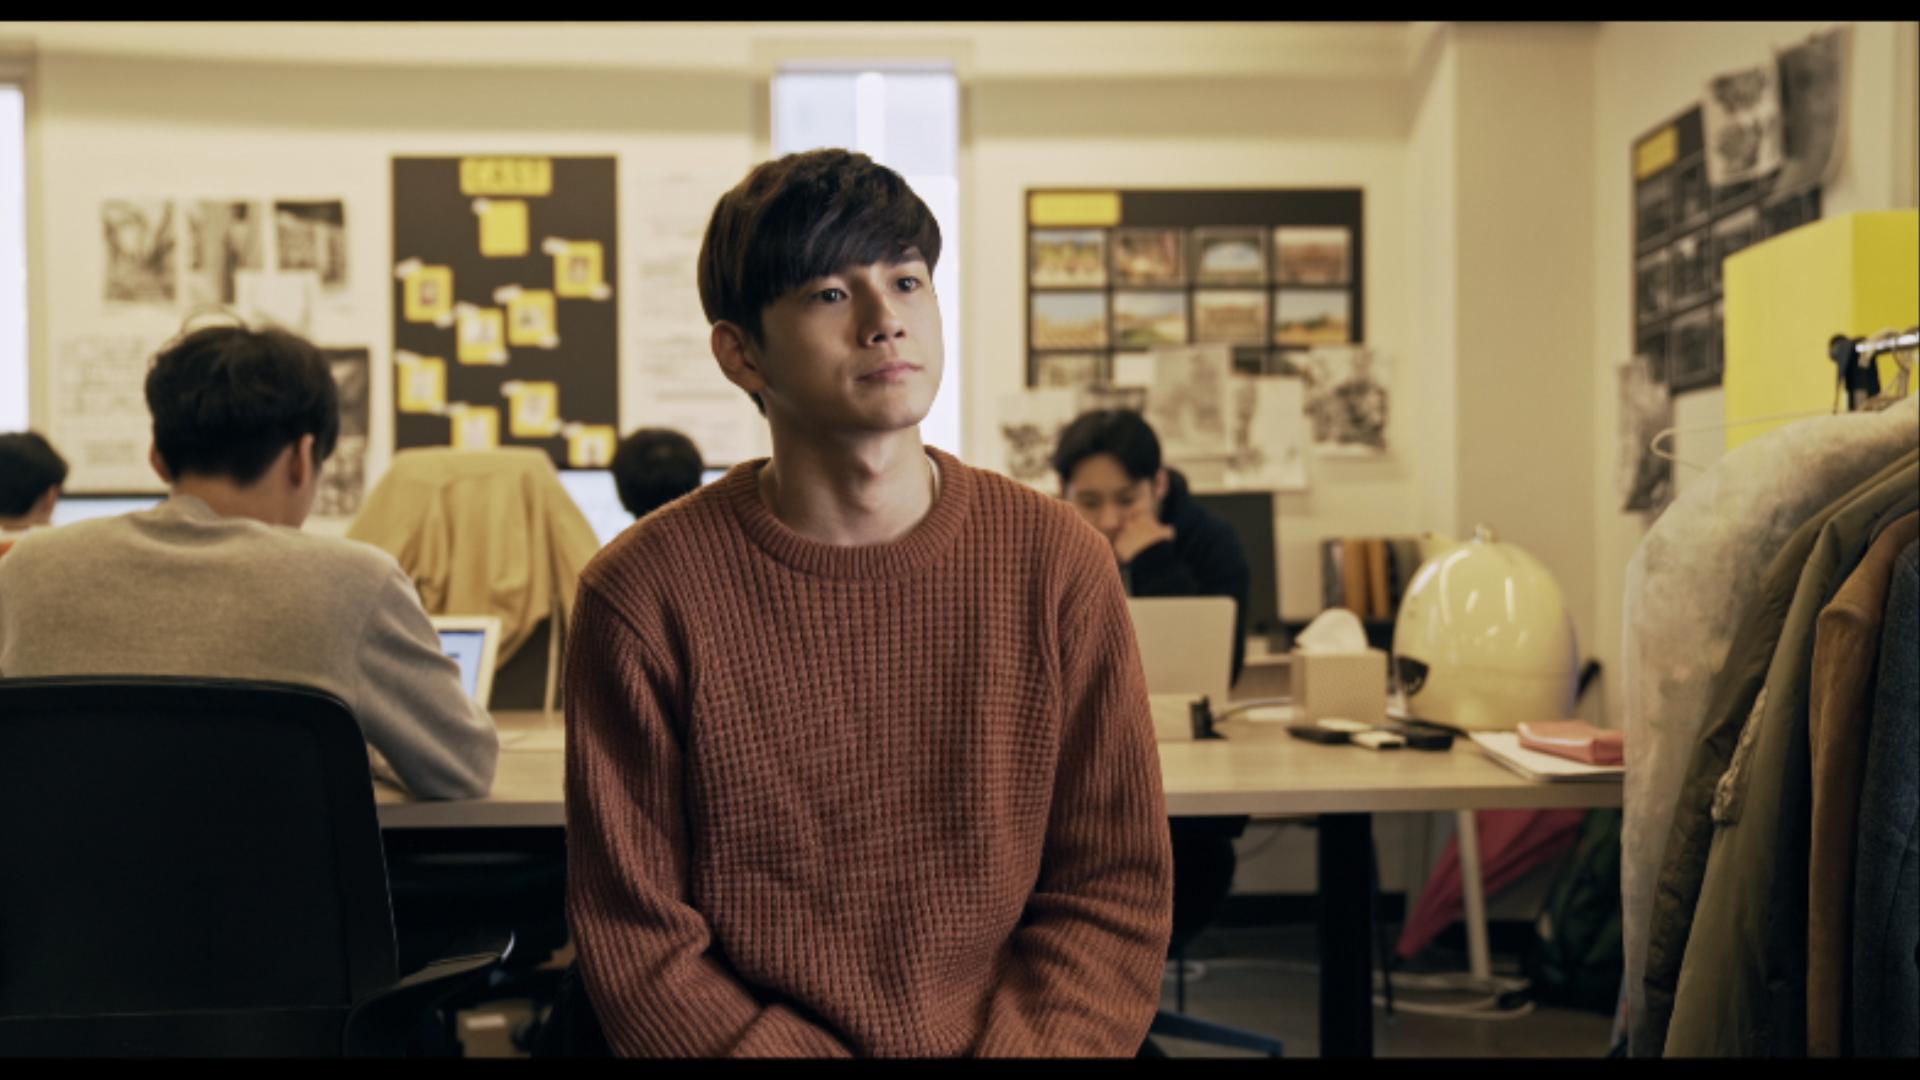 [단편영화 프로젝트 : beginning] #6옹성우 <성우는 괜찮아> (Ong Seong Woo - Seong-Woo is alright)